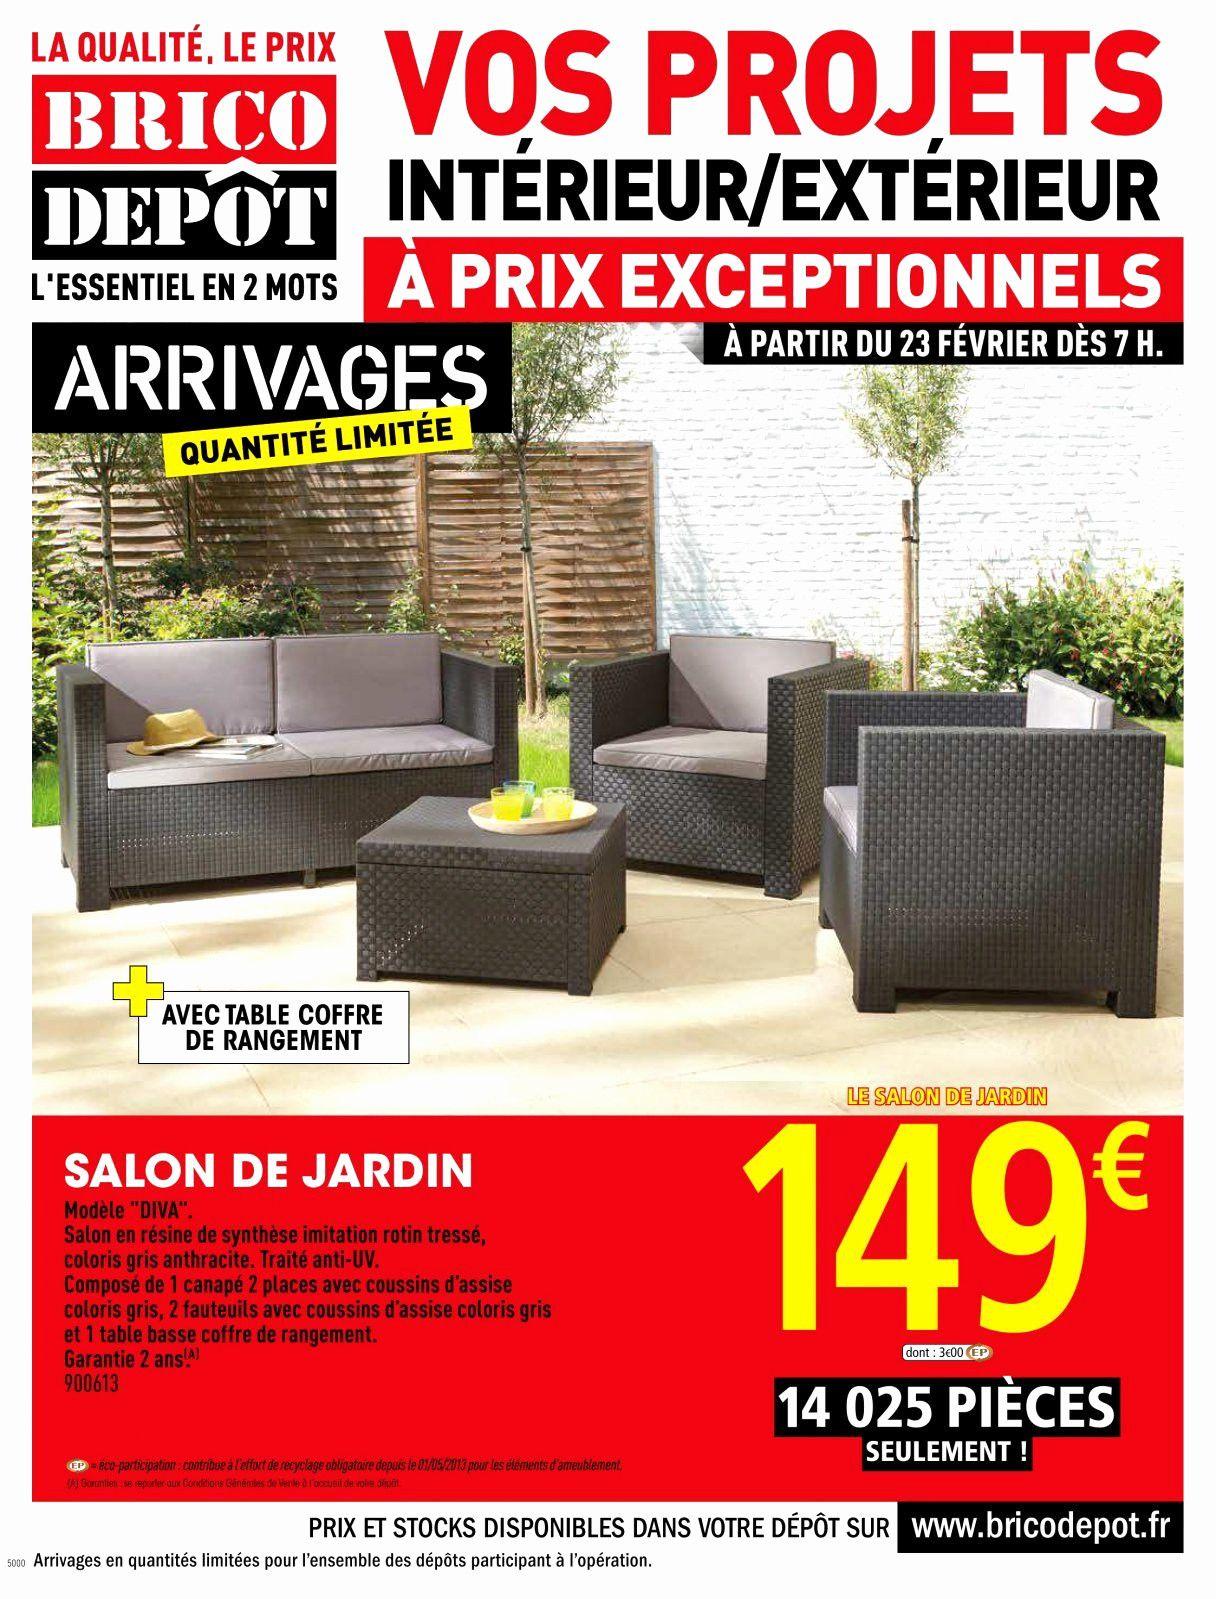 Unique Promo Salon De Jardin Brico Depot Salon de jardin